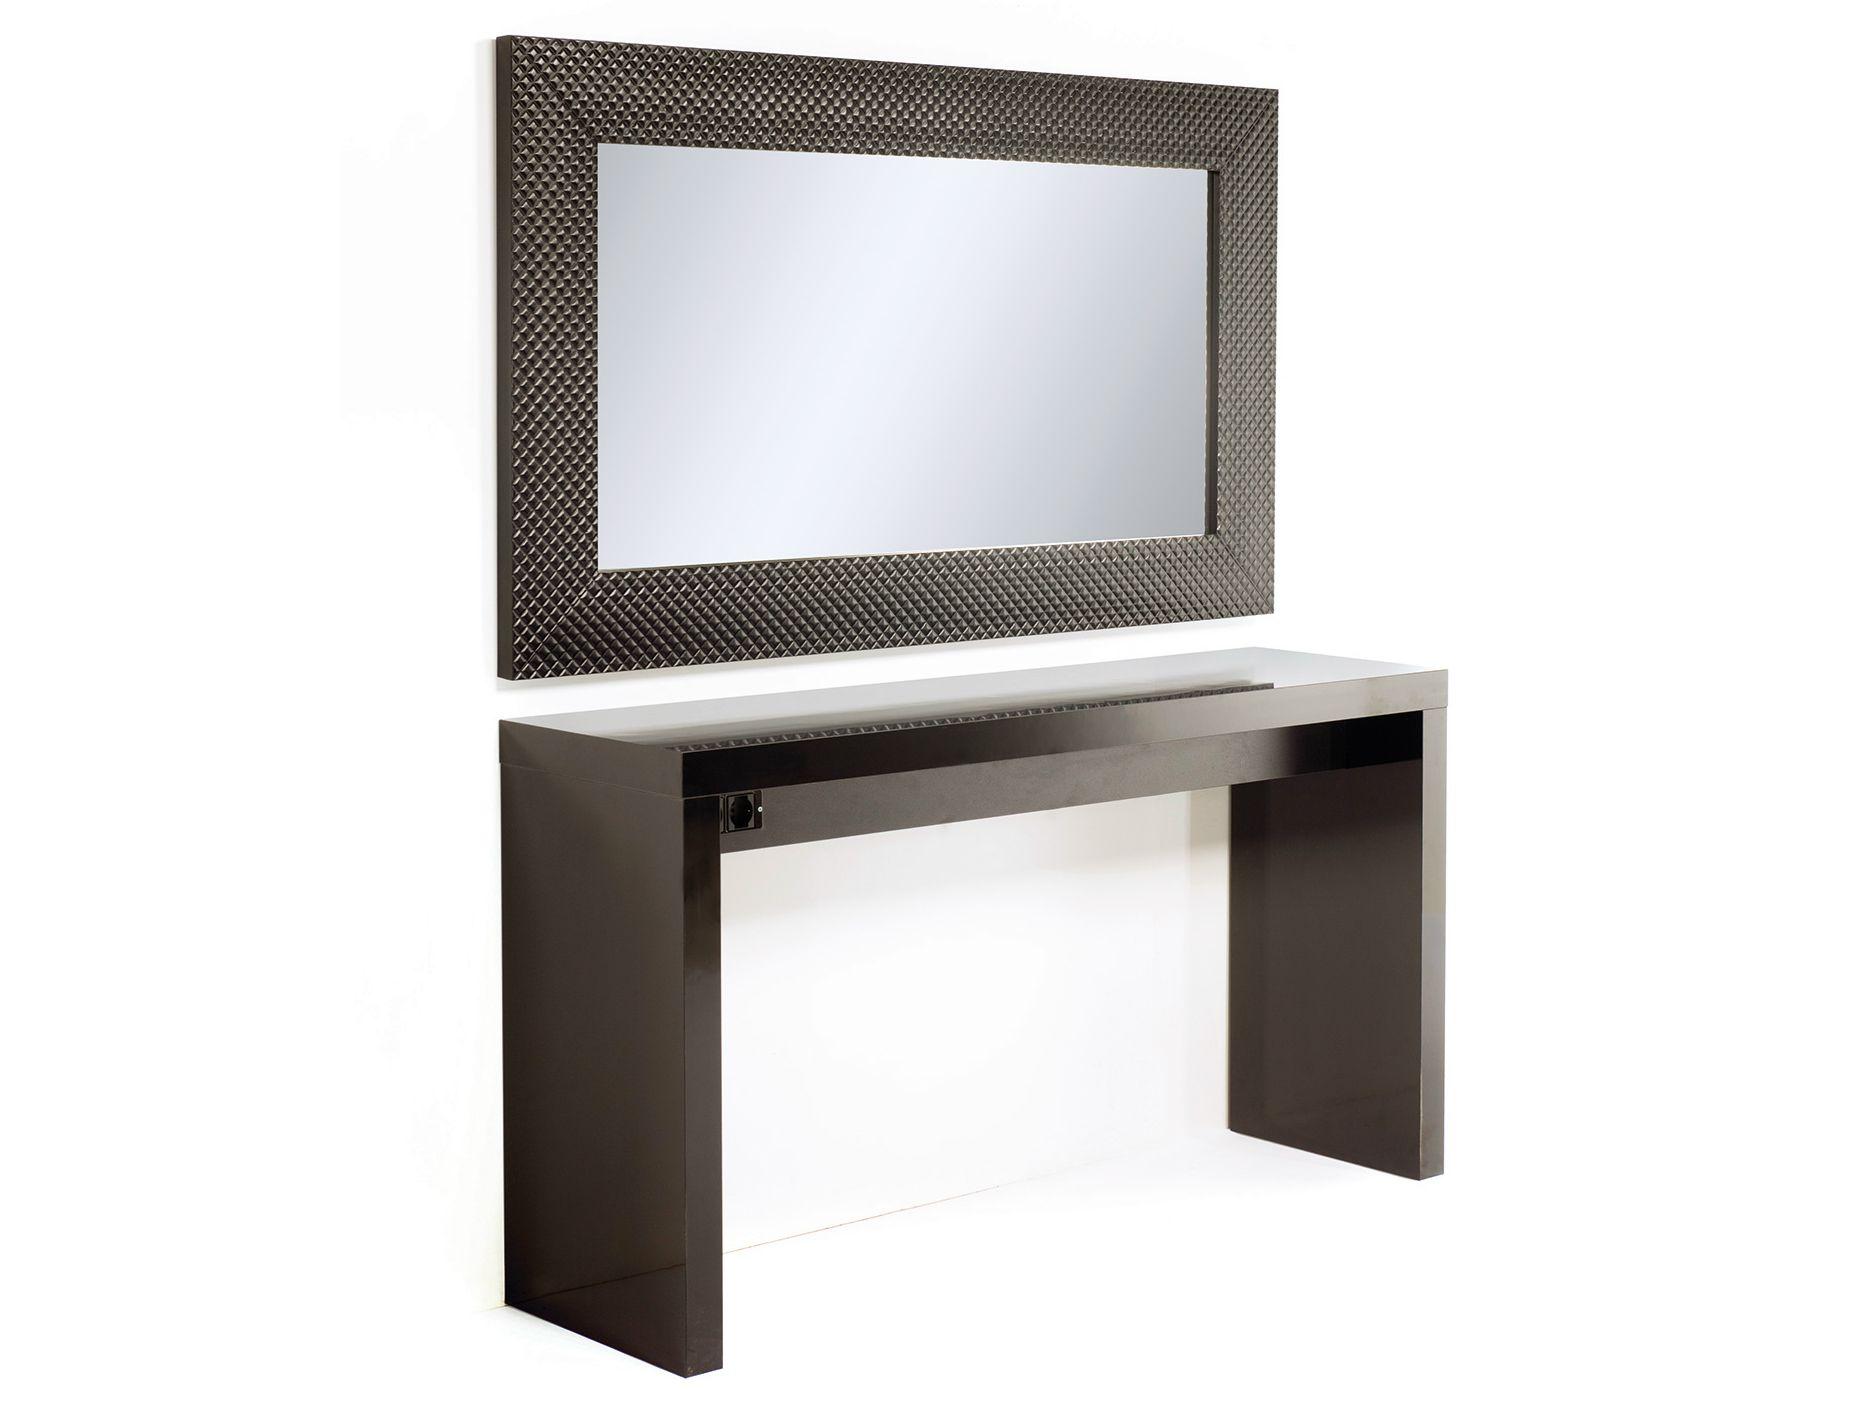 postazione lavoro per parrucchiere cocobar 148 linea gamma store by gamma bross. Black Bedroom Furniture Sets. Home Design Ideas